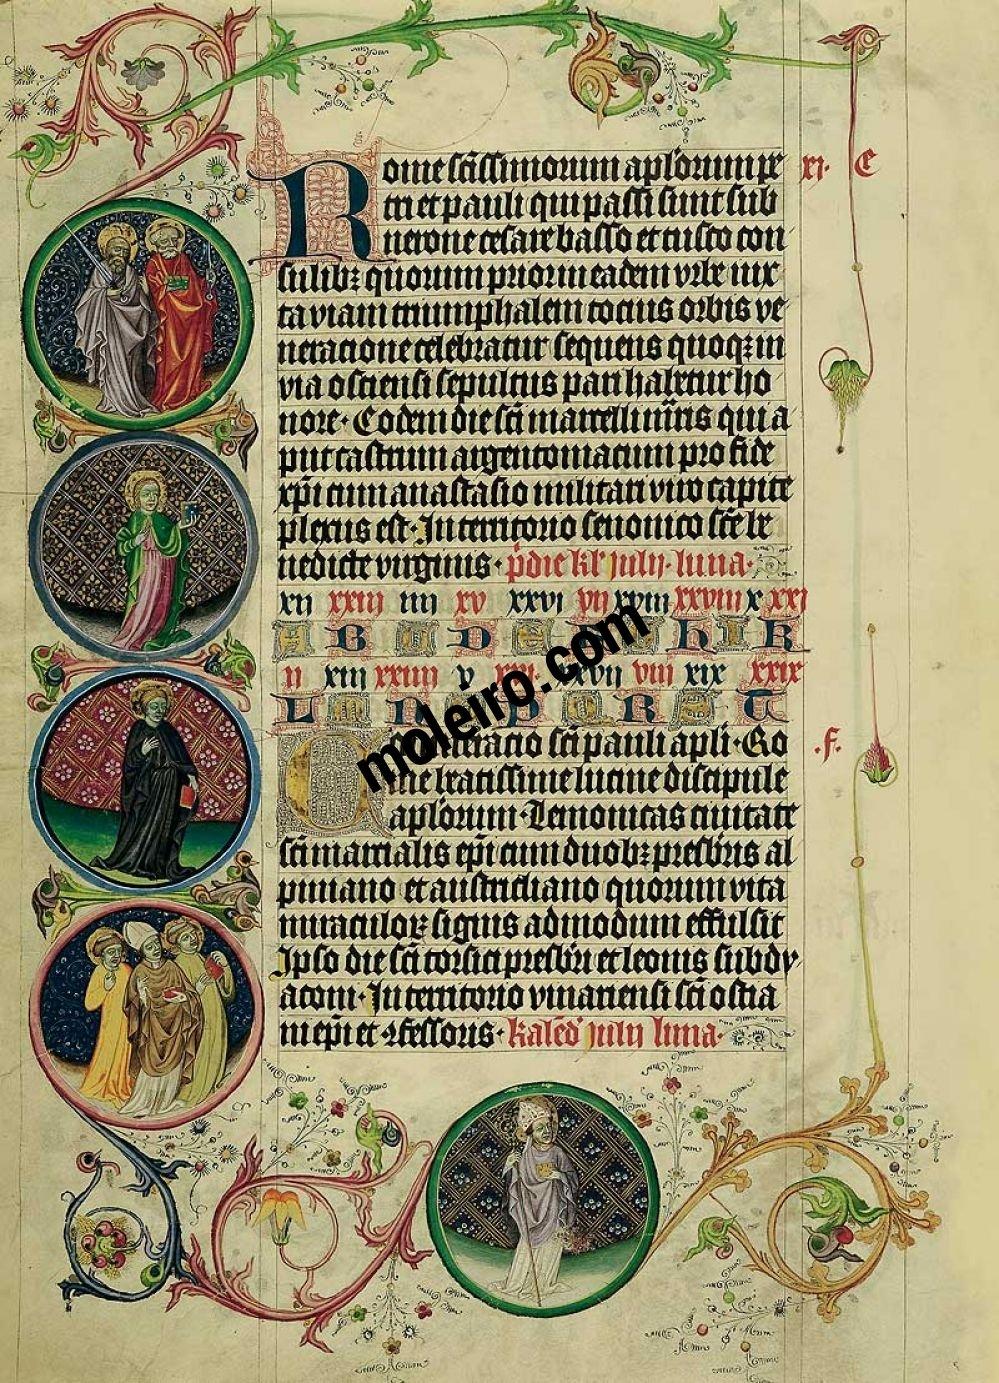 Martirologio de Usuardo Imágenes de los Medallones del 29 al 30 de junio, folio 65v